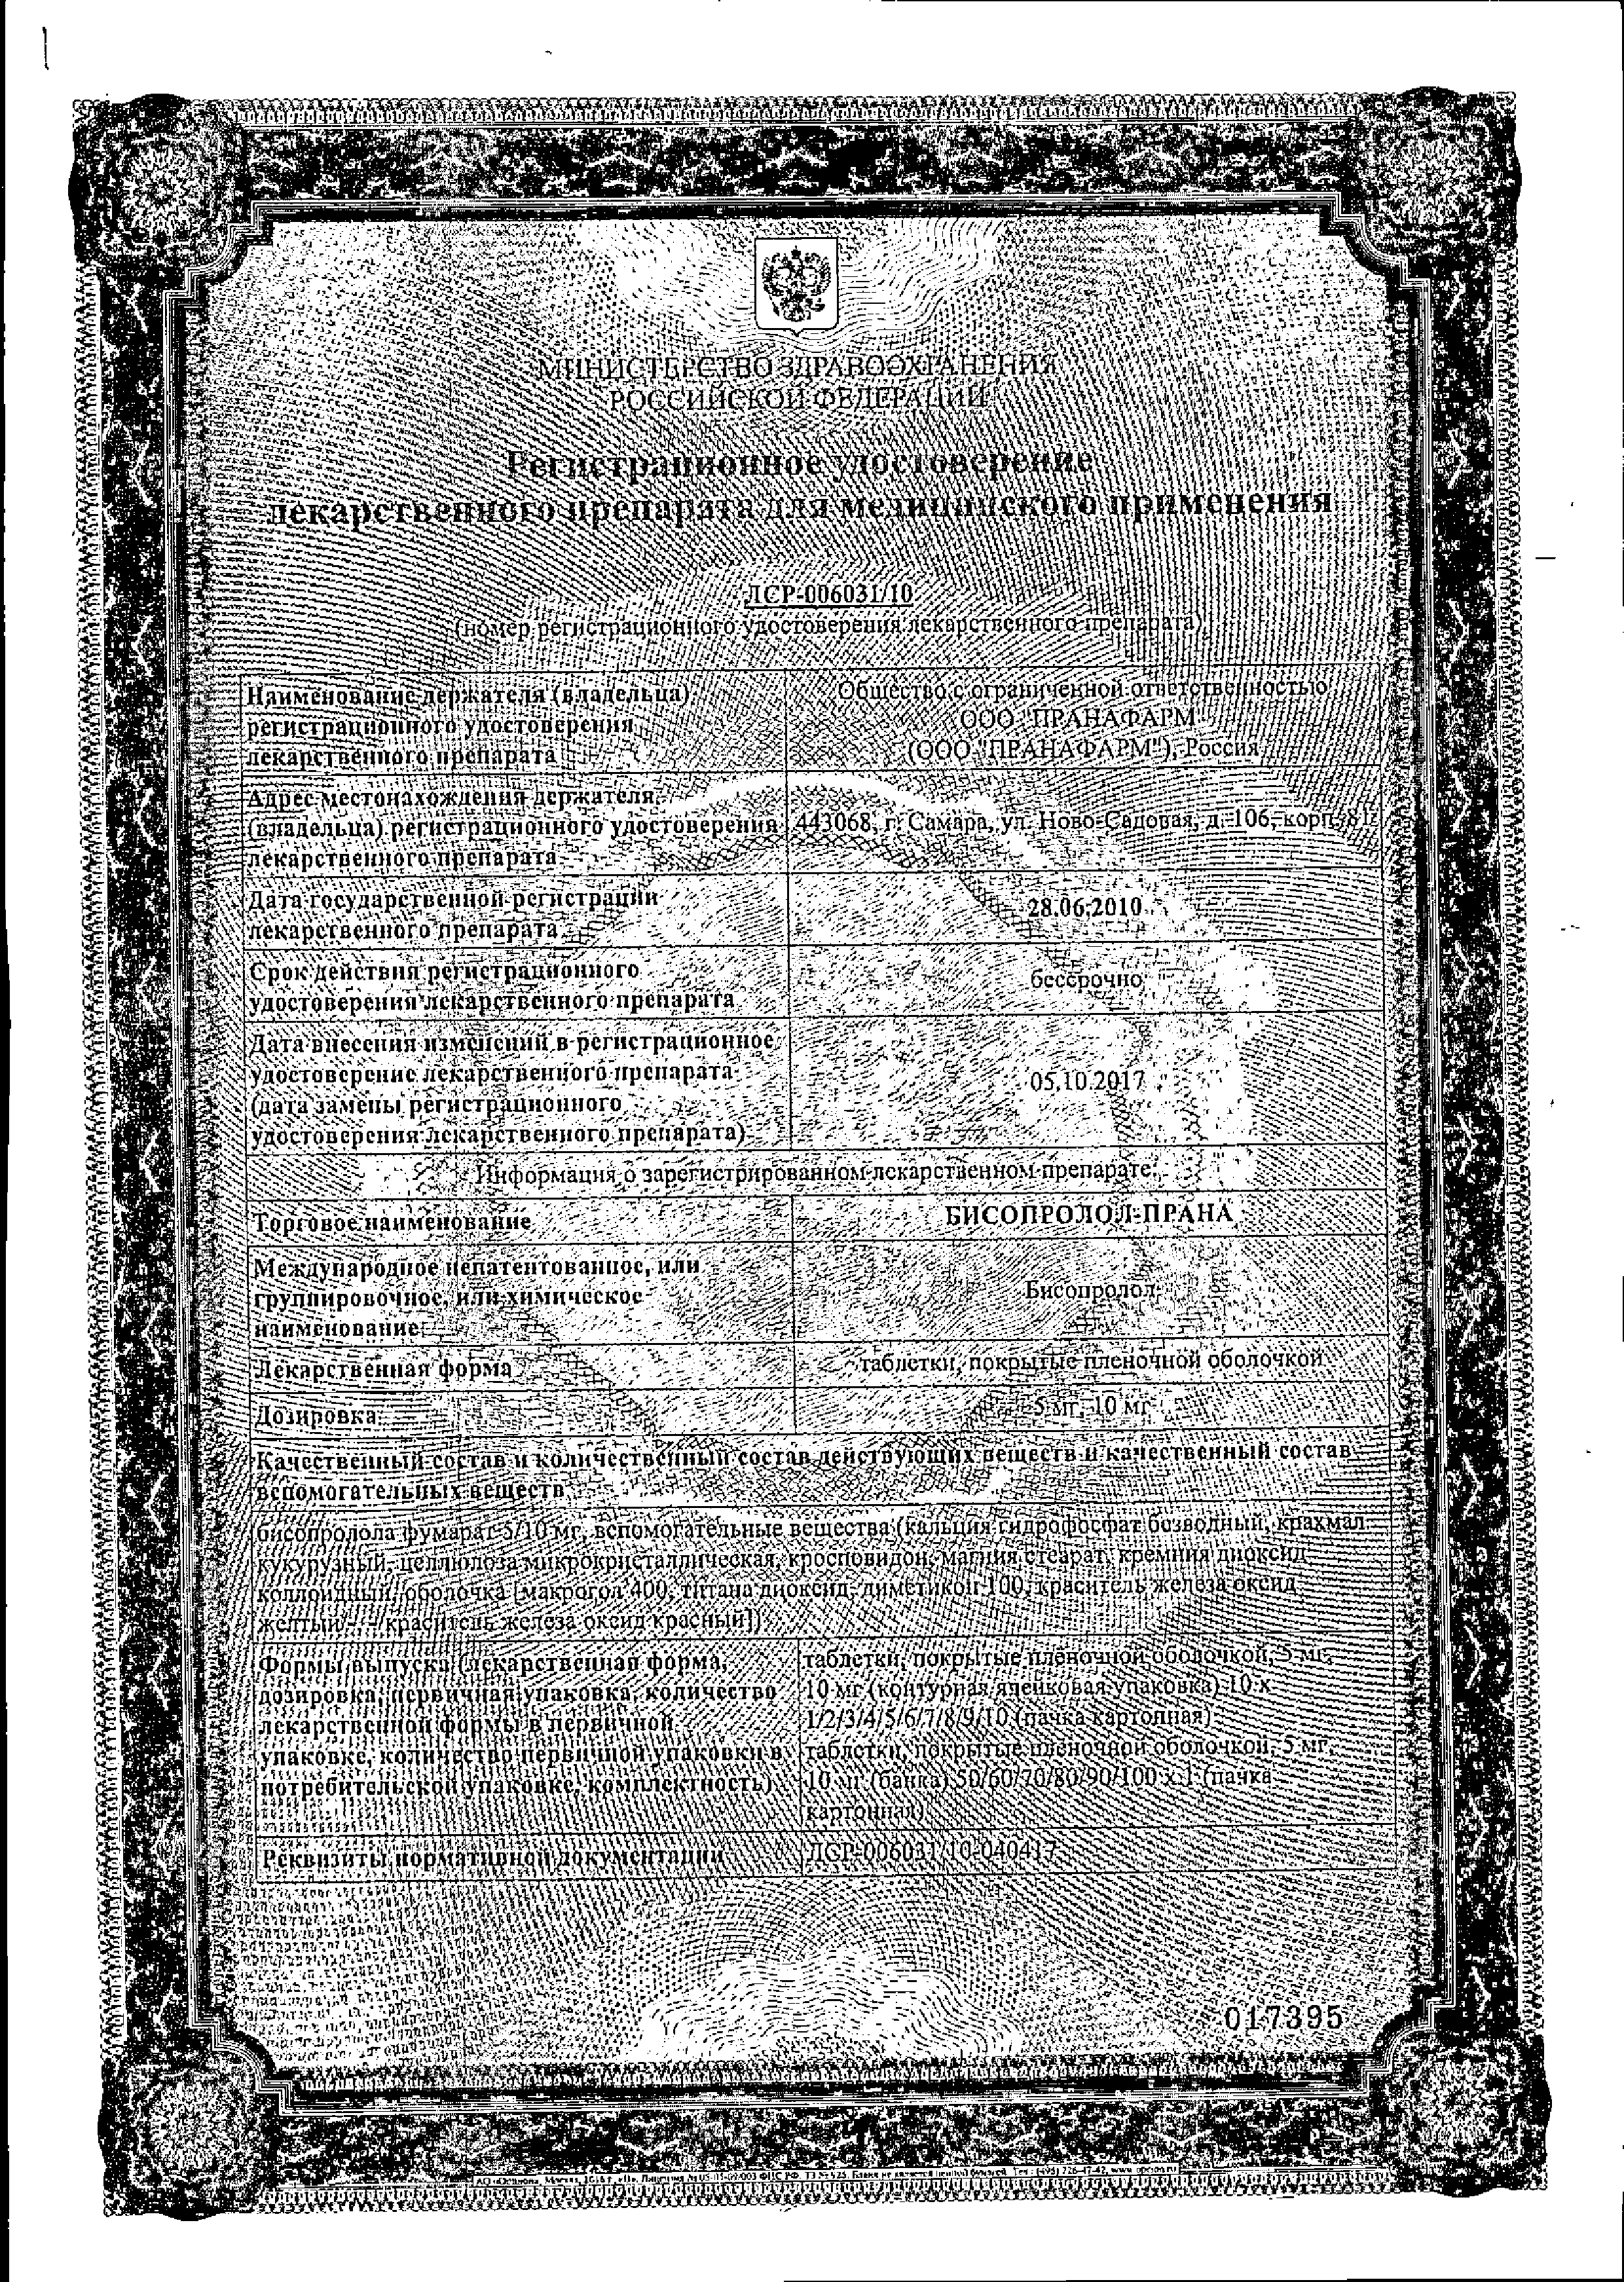 Бисопролол-Прана сертификат